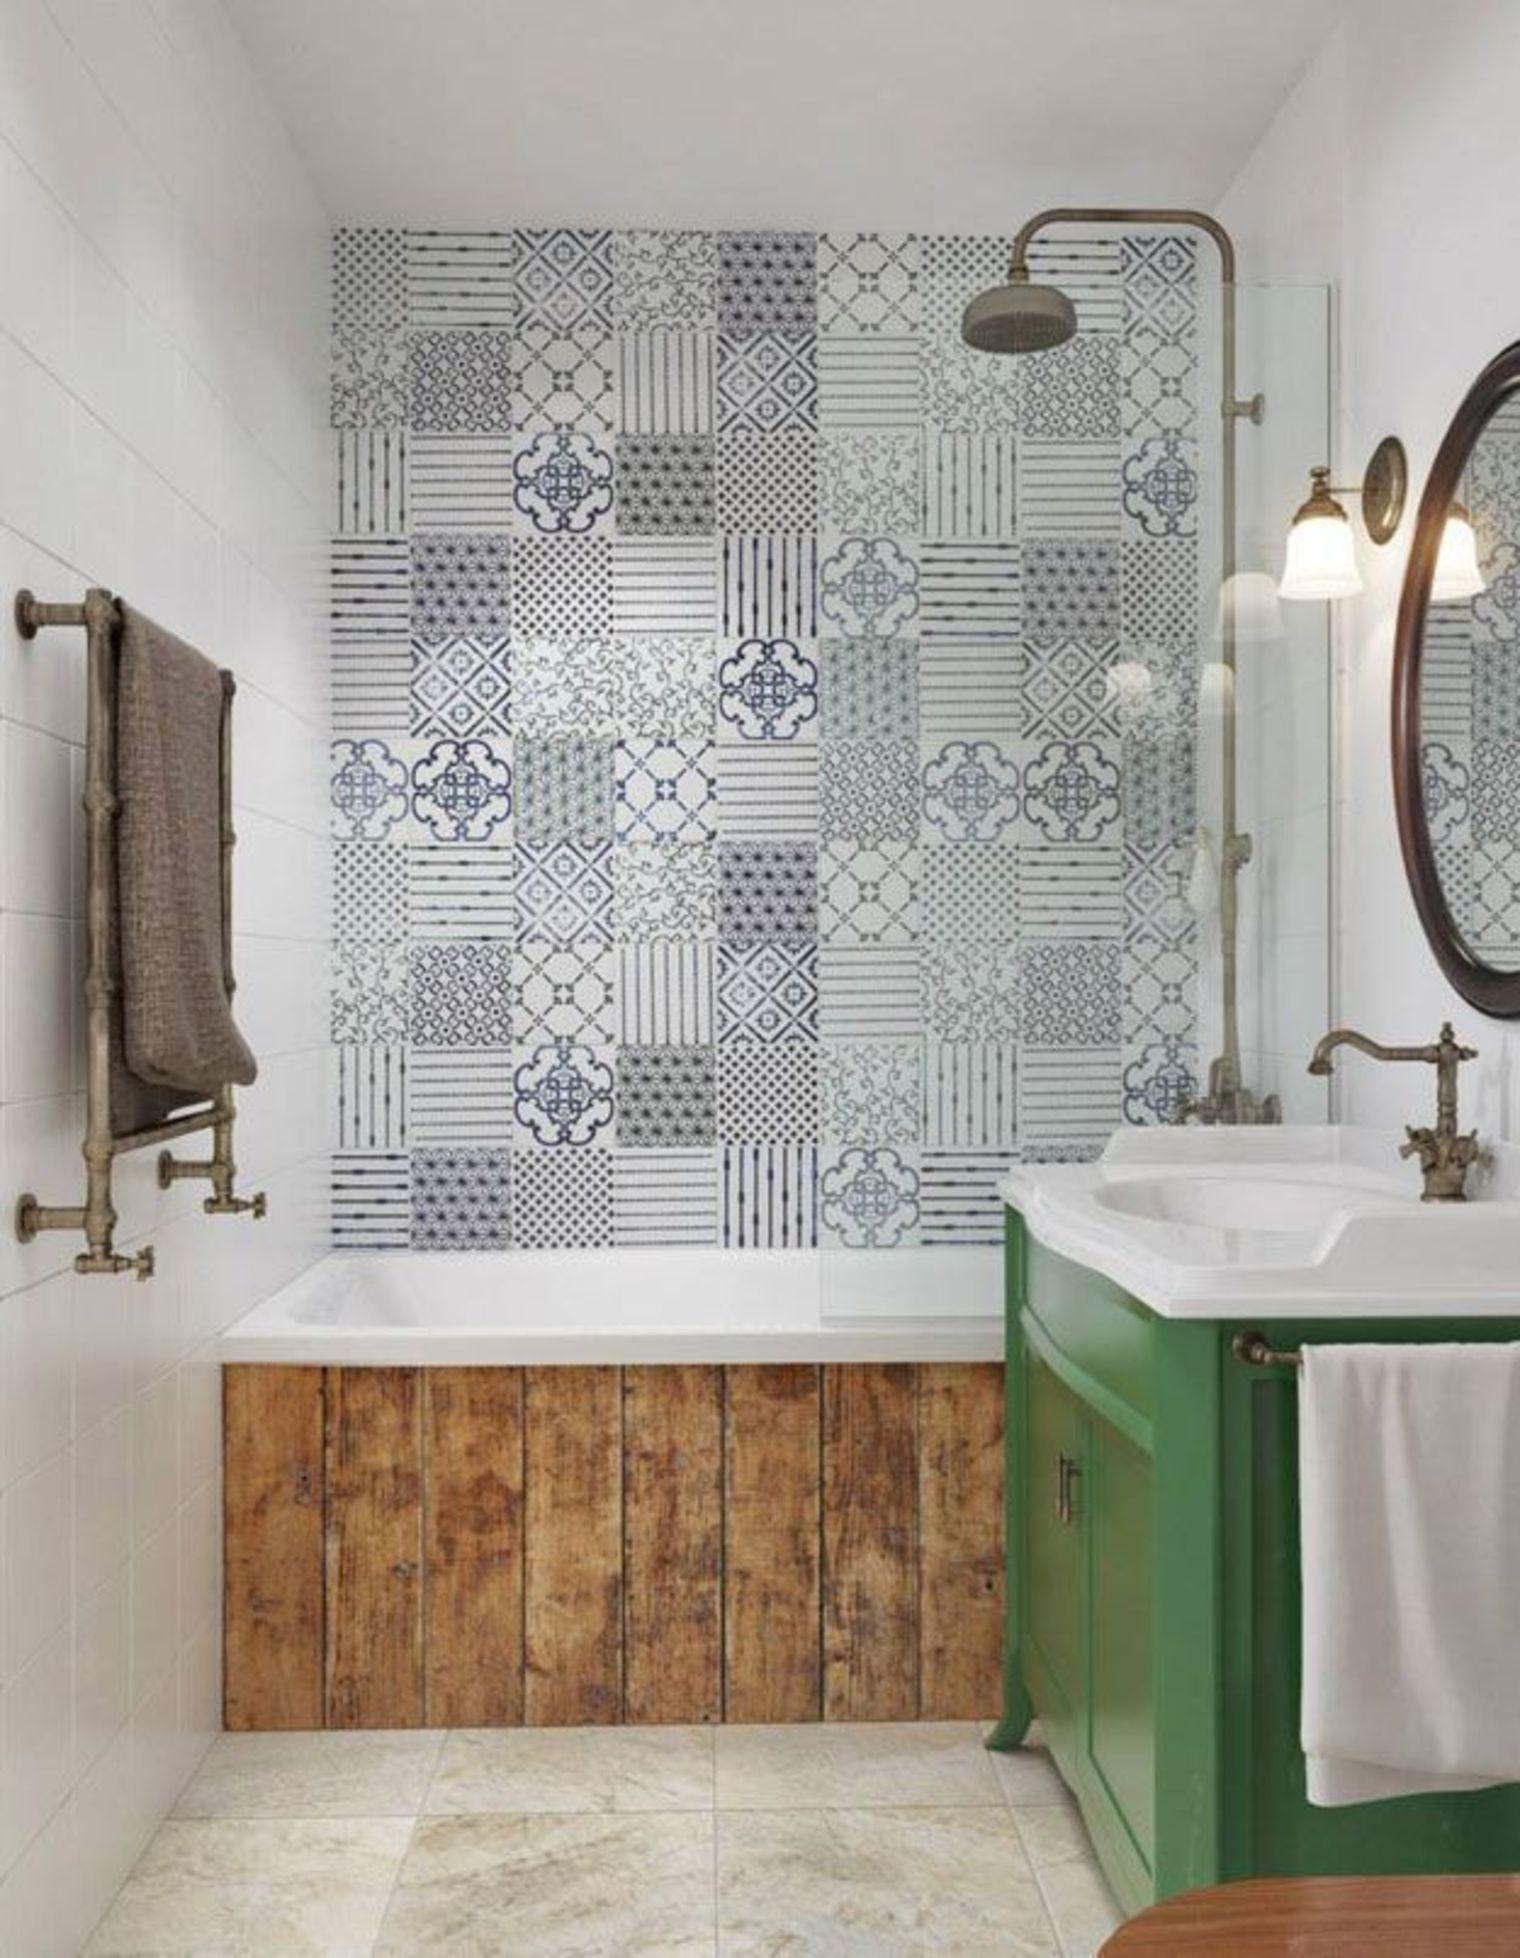 carreau ciment noir et blanc salle de bain - Recherche Google ...